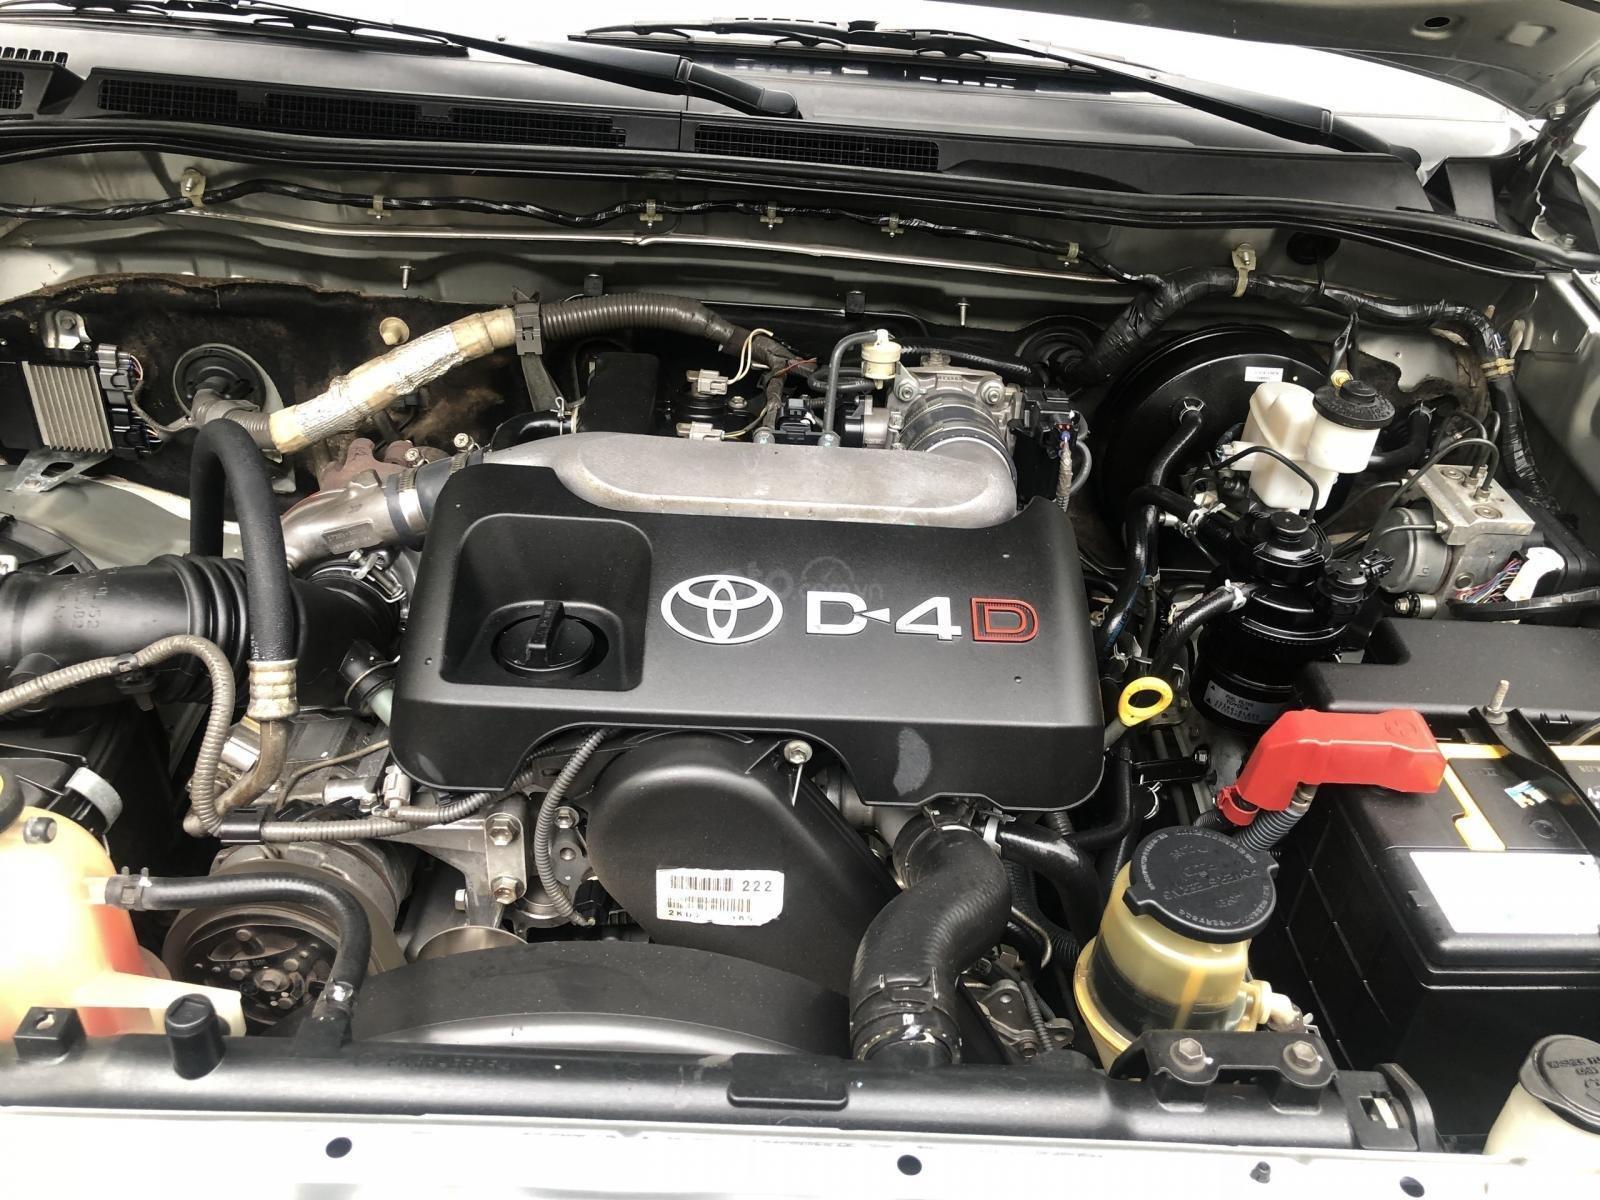 Gia Hưng Auto bán xe Toyota Fortuner 2.5G máy dầu, màu bạc SX 2009 (6)